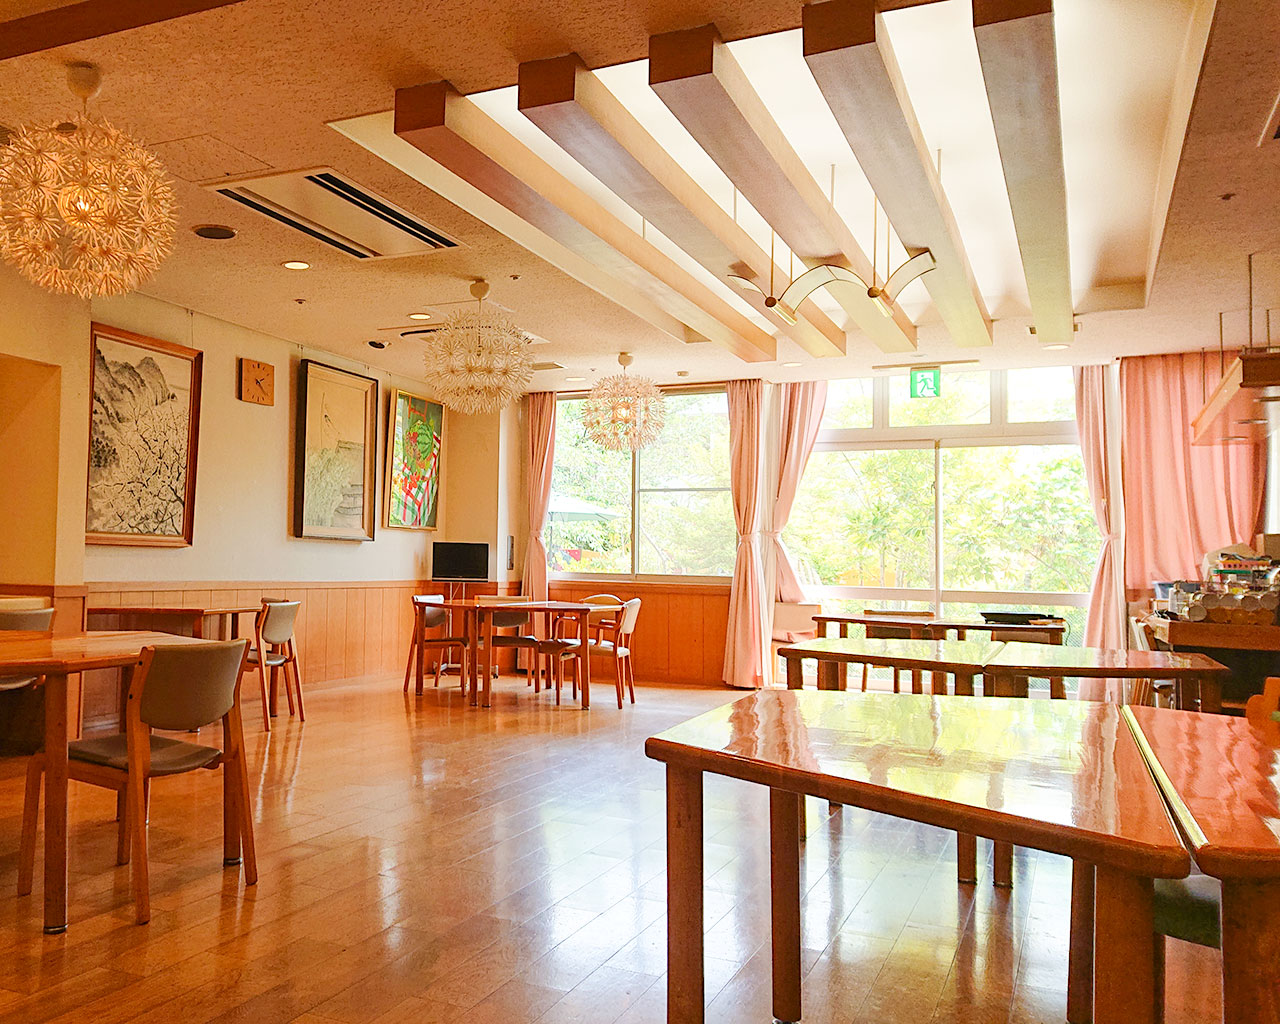 泉北園百寿荘のダイニング(食堂)